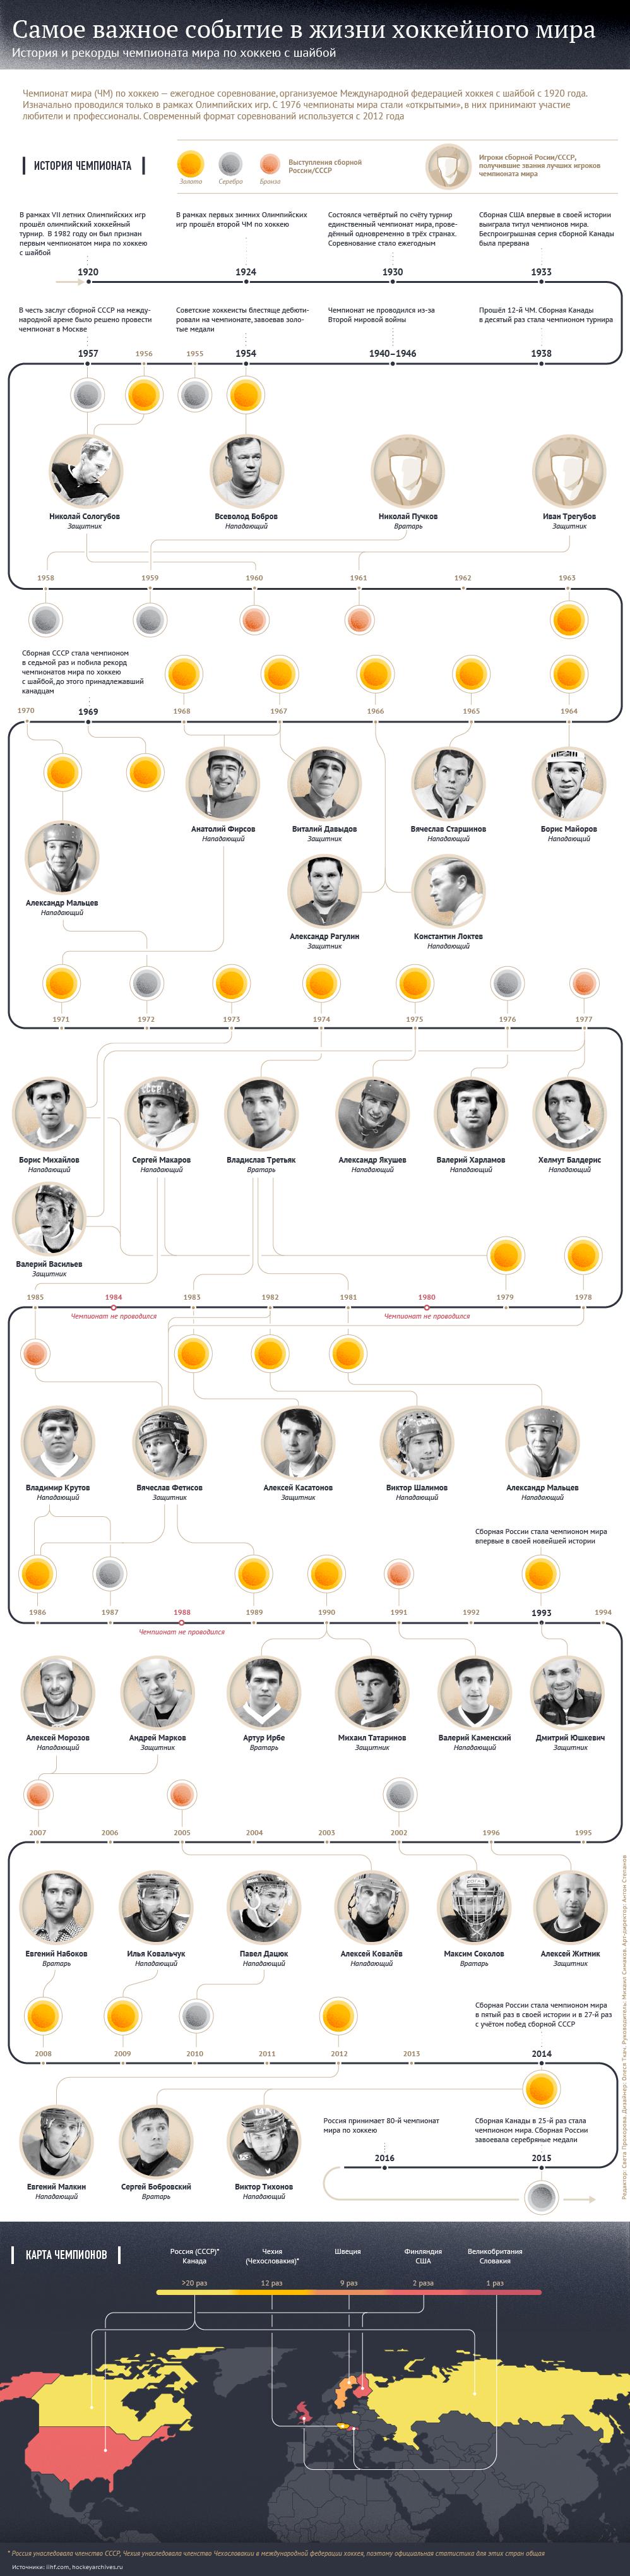 История и рекорды чемпионата мира по хоккею